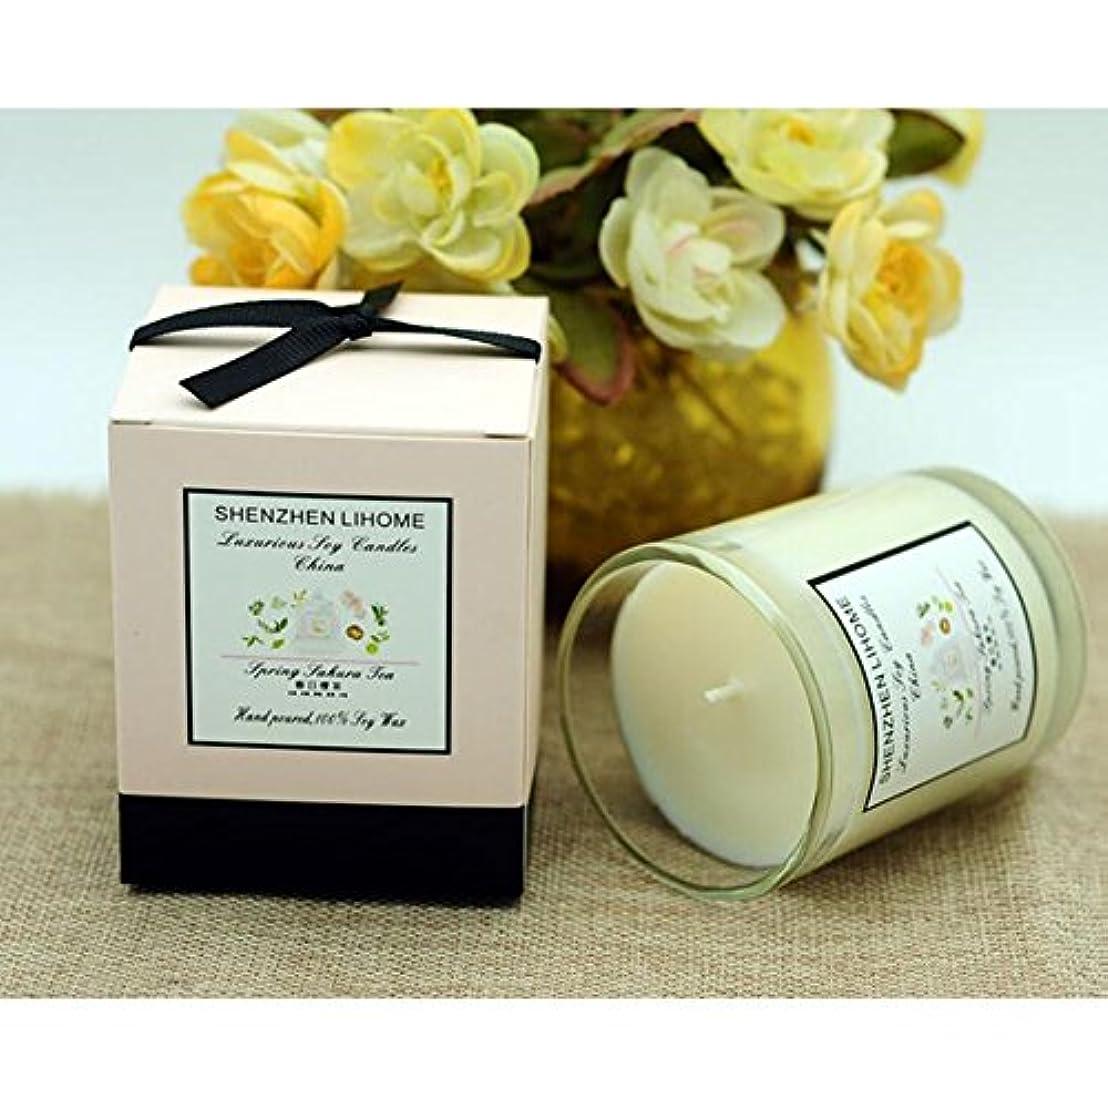 柔らかい足何よりも自然Liebeye キャンドル 大豆ワックス ロマンチックな無煙の香り 香りのティーキャンドル自然 ガラスキャンドル 春の桜の香